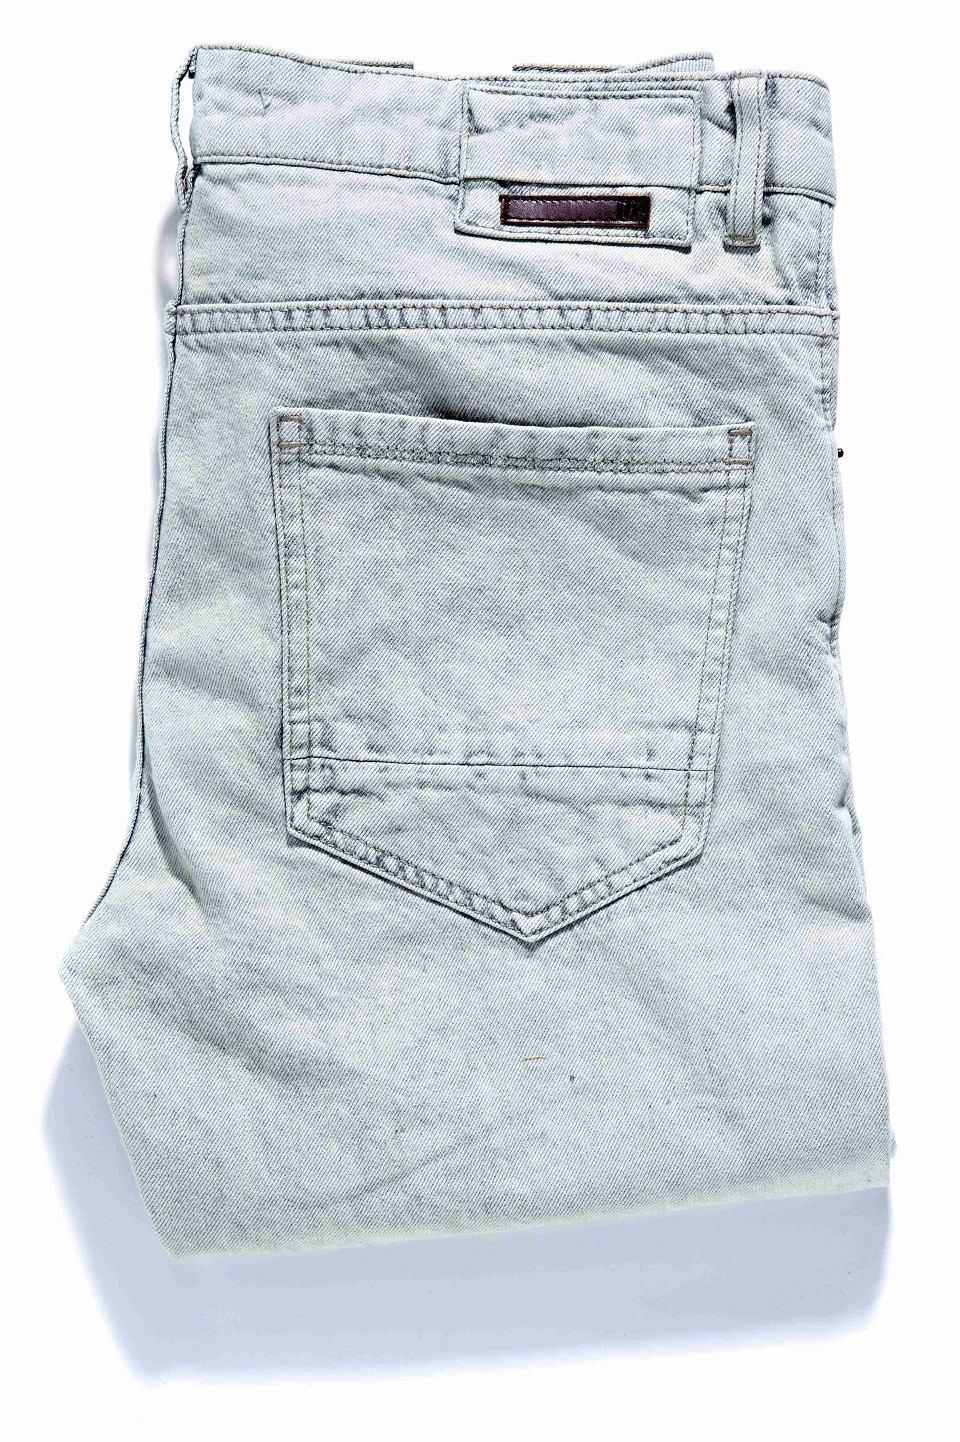 Zdjęcie numer 12 w galerii - Jasne dżinsy: zobacz najmodniejsze wzory